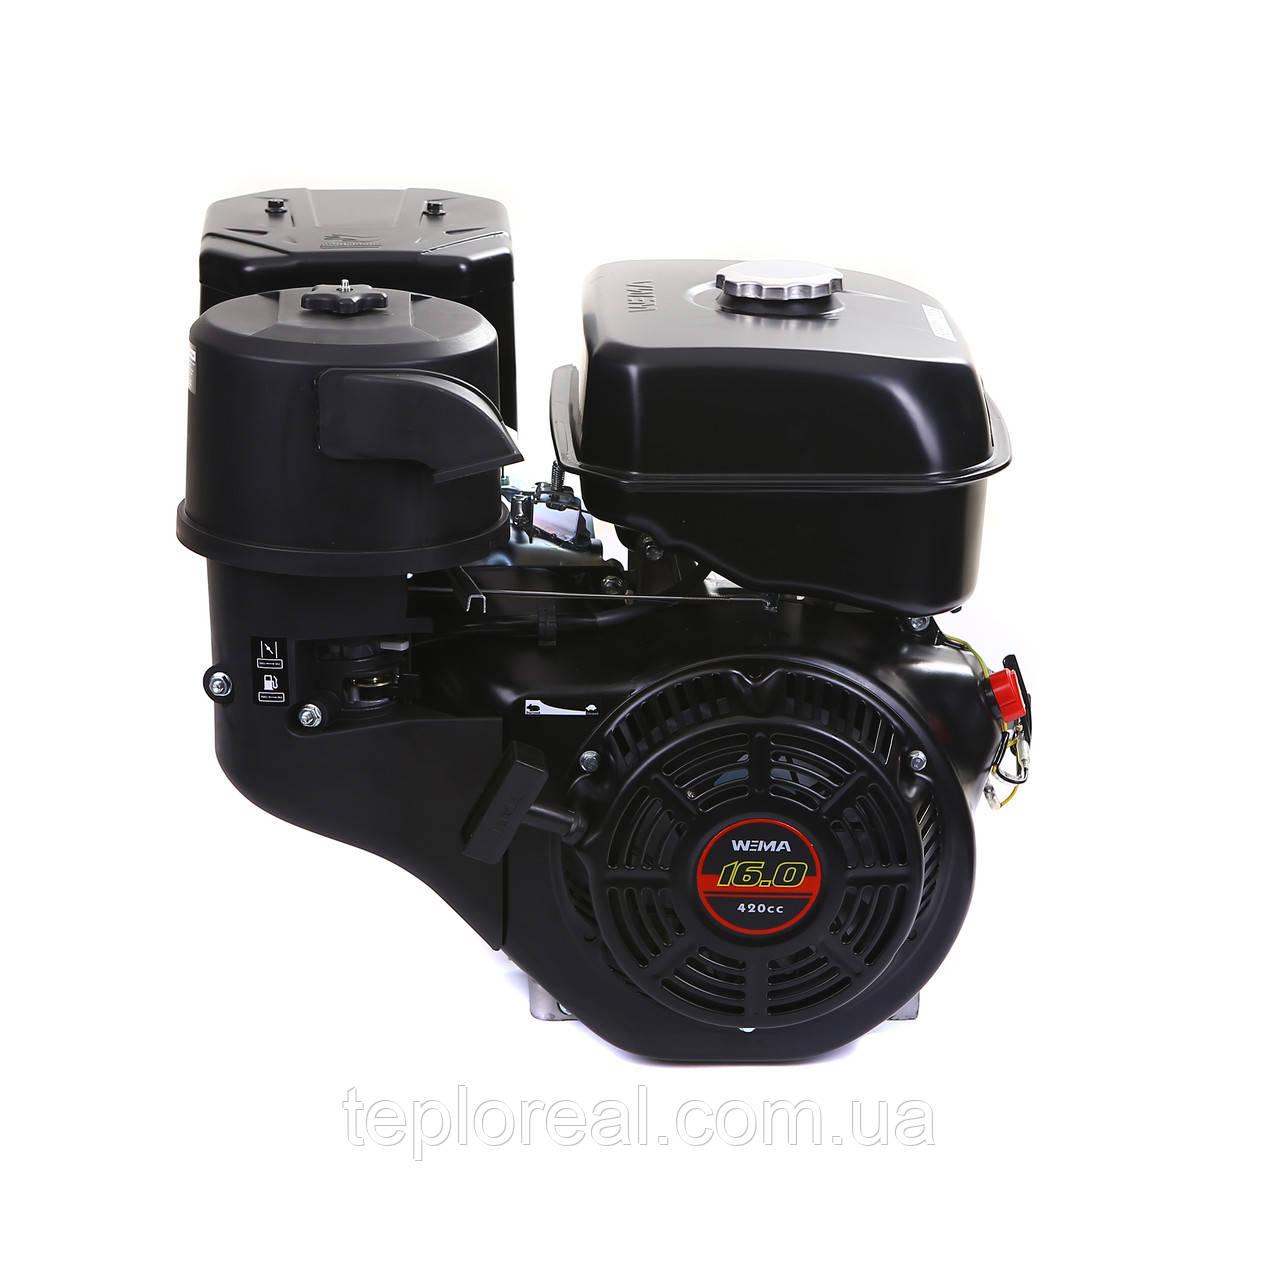 Двигатель бензиновый WEIMA(Вейма) WM190F-L(16л.с.под шпонку с редуктором)